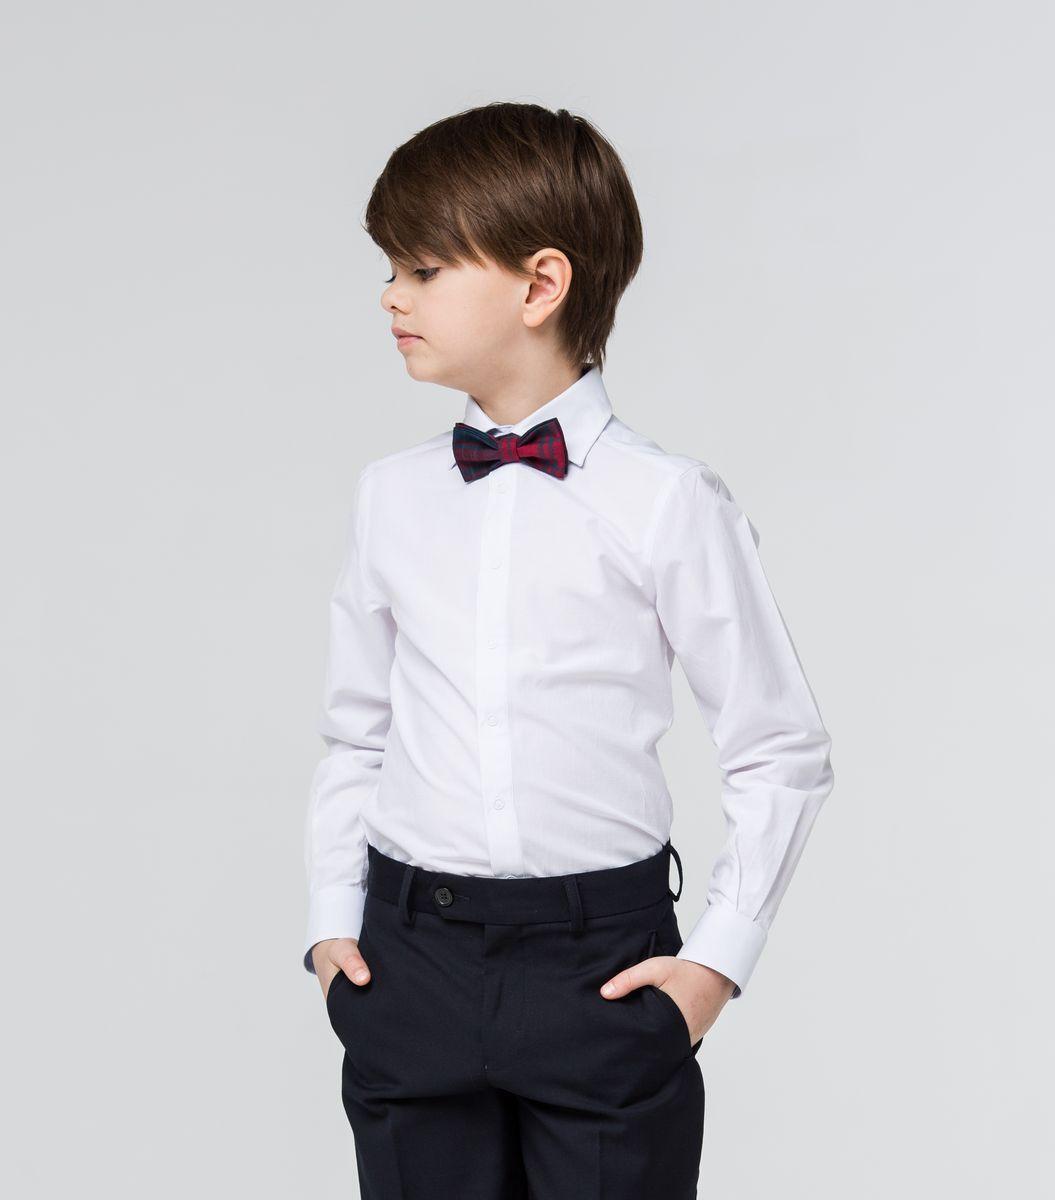 Рубашка для мальчика Silver Spoon, цвет: белый, светло-голубой. SSFSB-629-13831-299. Размер 158SSFSB-629-13831-299Стильная рубашка Silver Spoon станет отличным дополнением к школьному гардеробу вашего мальчика. Модель, выполненная из хлопка с добавлением полиэстера, необычайно мягкая и приятная на ощупь, не сковывает движения и позволяет коже дышать. Рубашка классического кроя с длинными рукавами и отложным воротником застегивается на кнопки по всей длине. На манжетах предусмотрены застежки-кнопки.